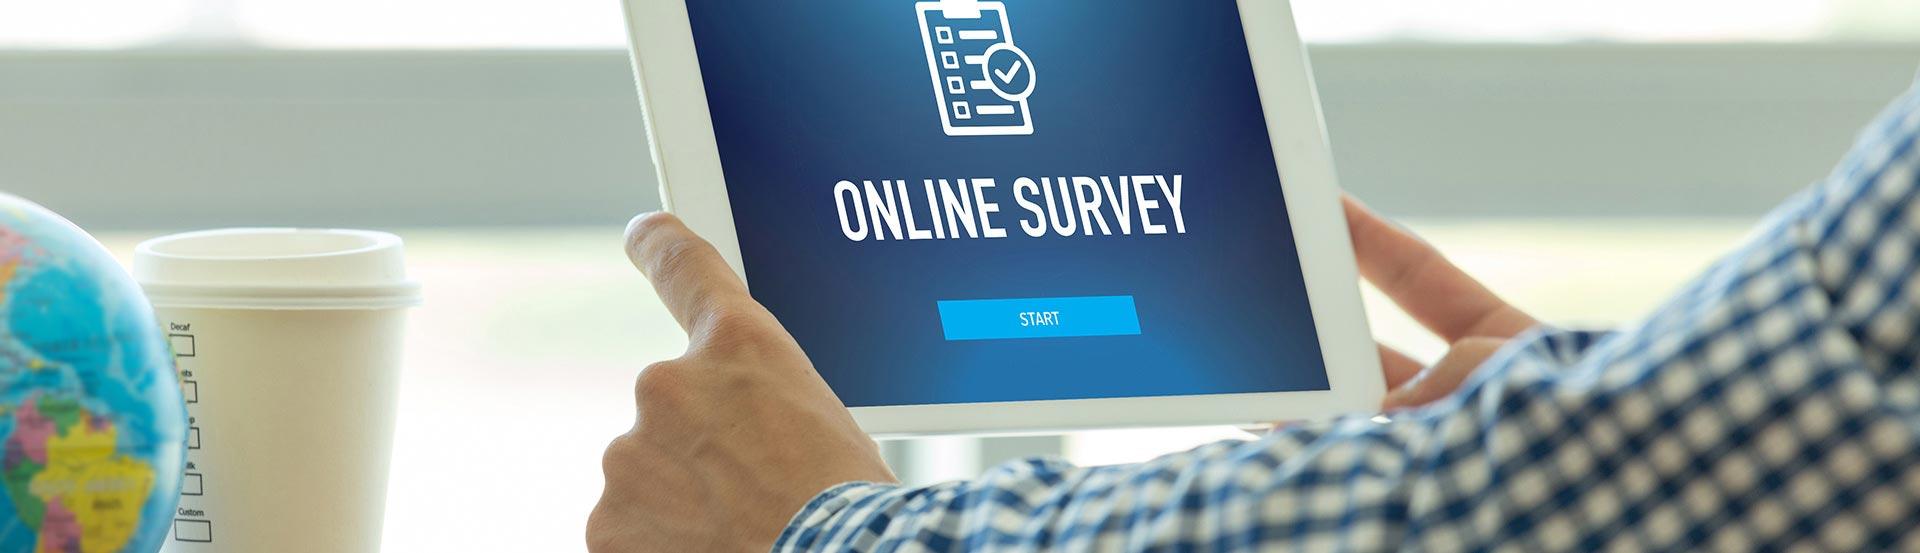 Guide enquête en ligne : Échantillonnage des répondants